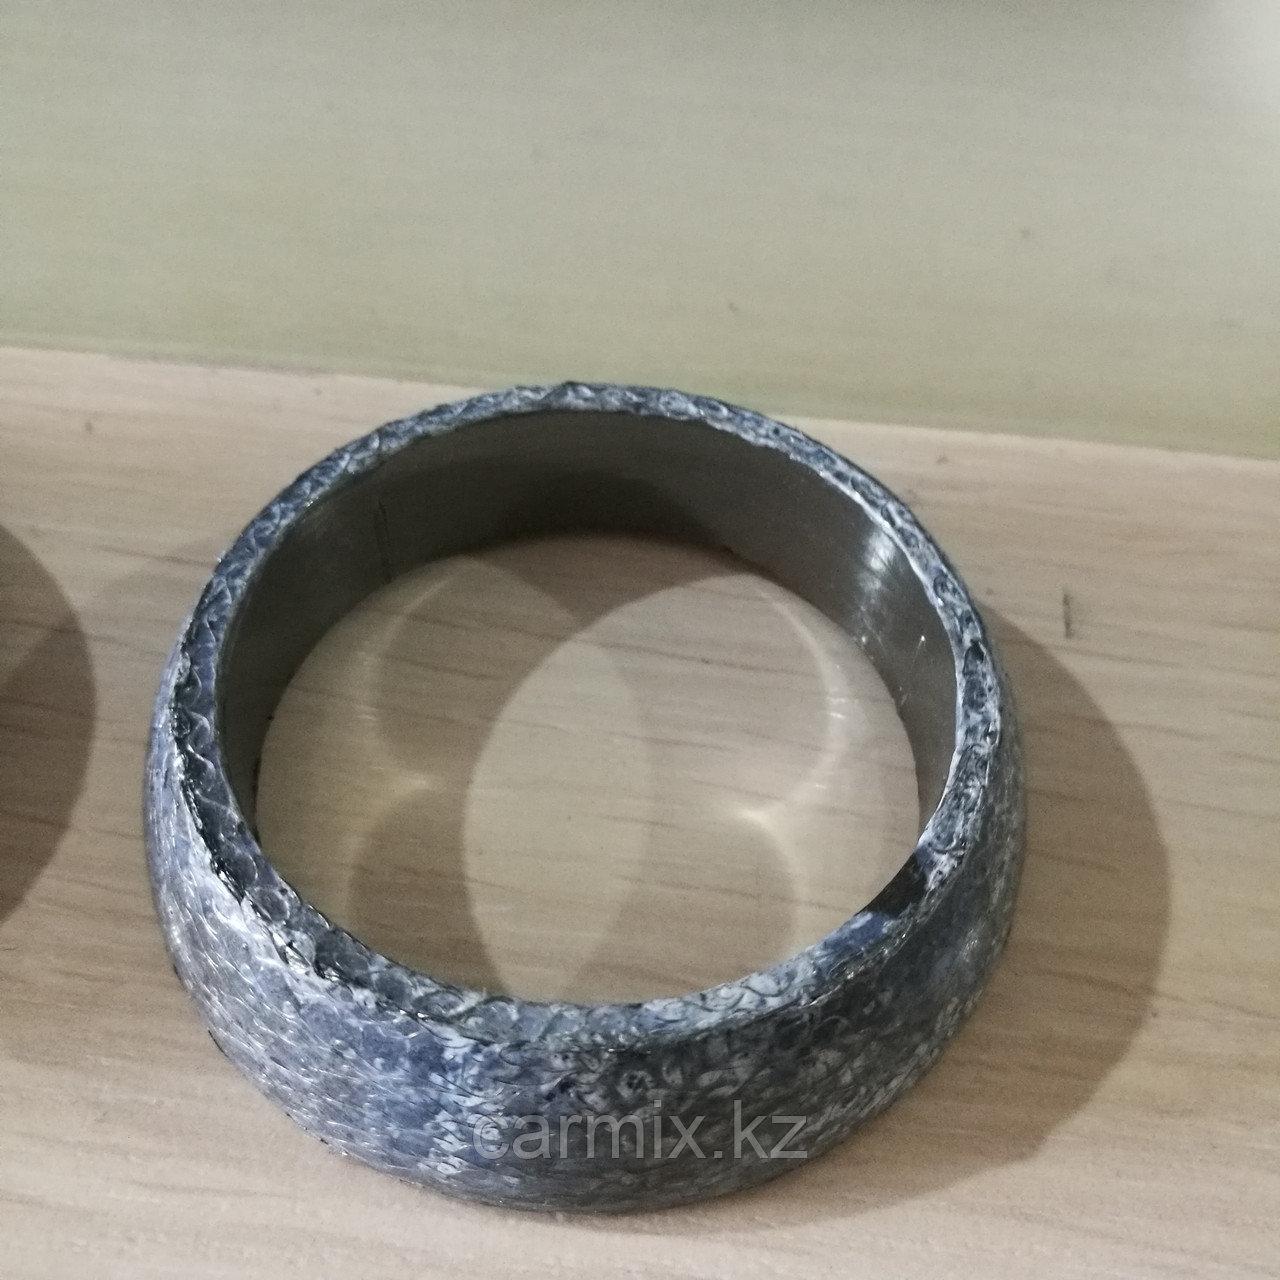 Кольцо глушителя ГРАФИТОВОЕ, 48x64x16